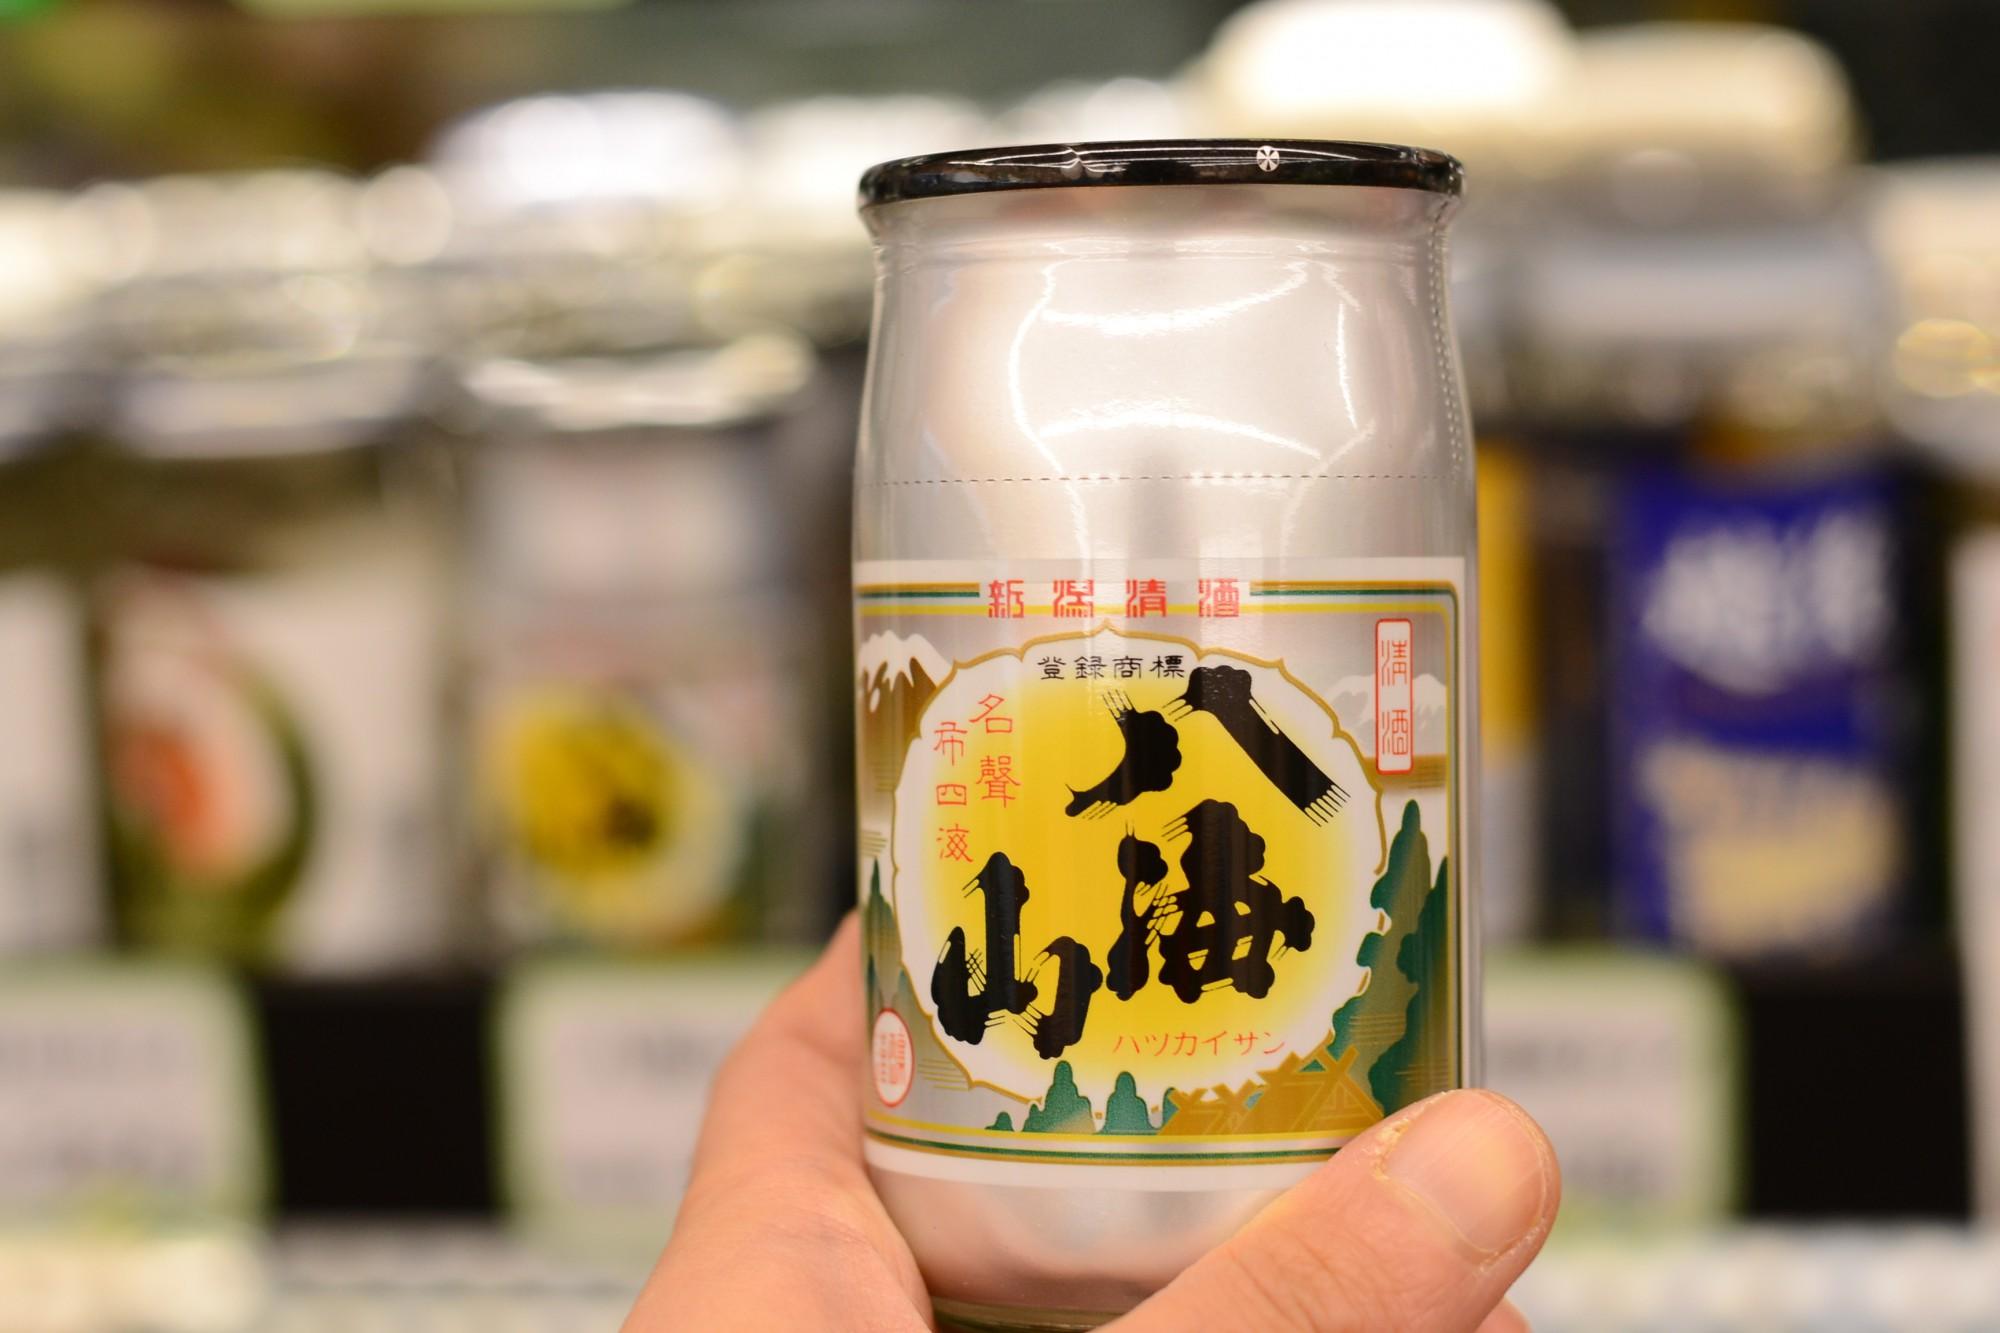 新潟県南魚沼市にある八海山酒造。フレッシュさが自慢のビールの製造もしている。